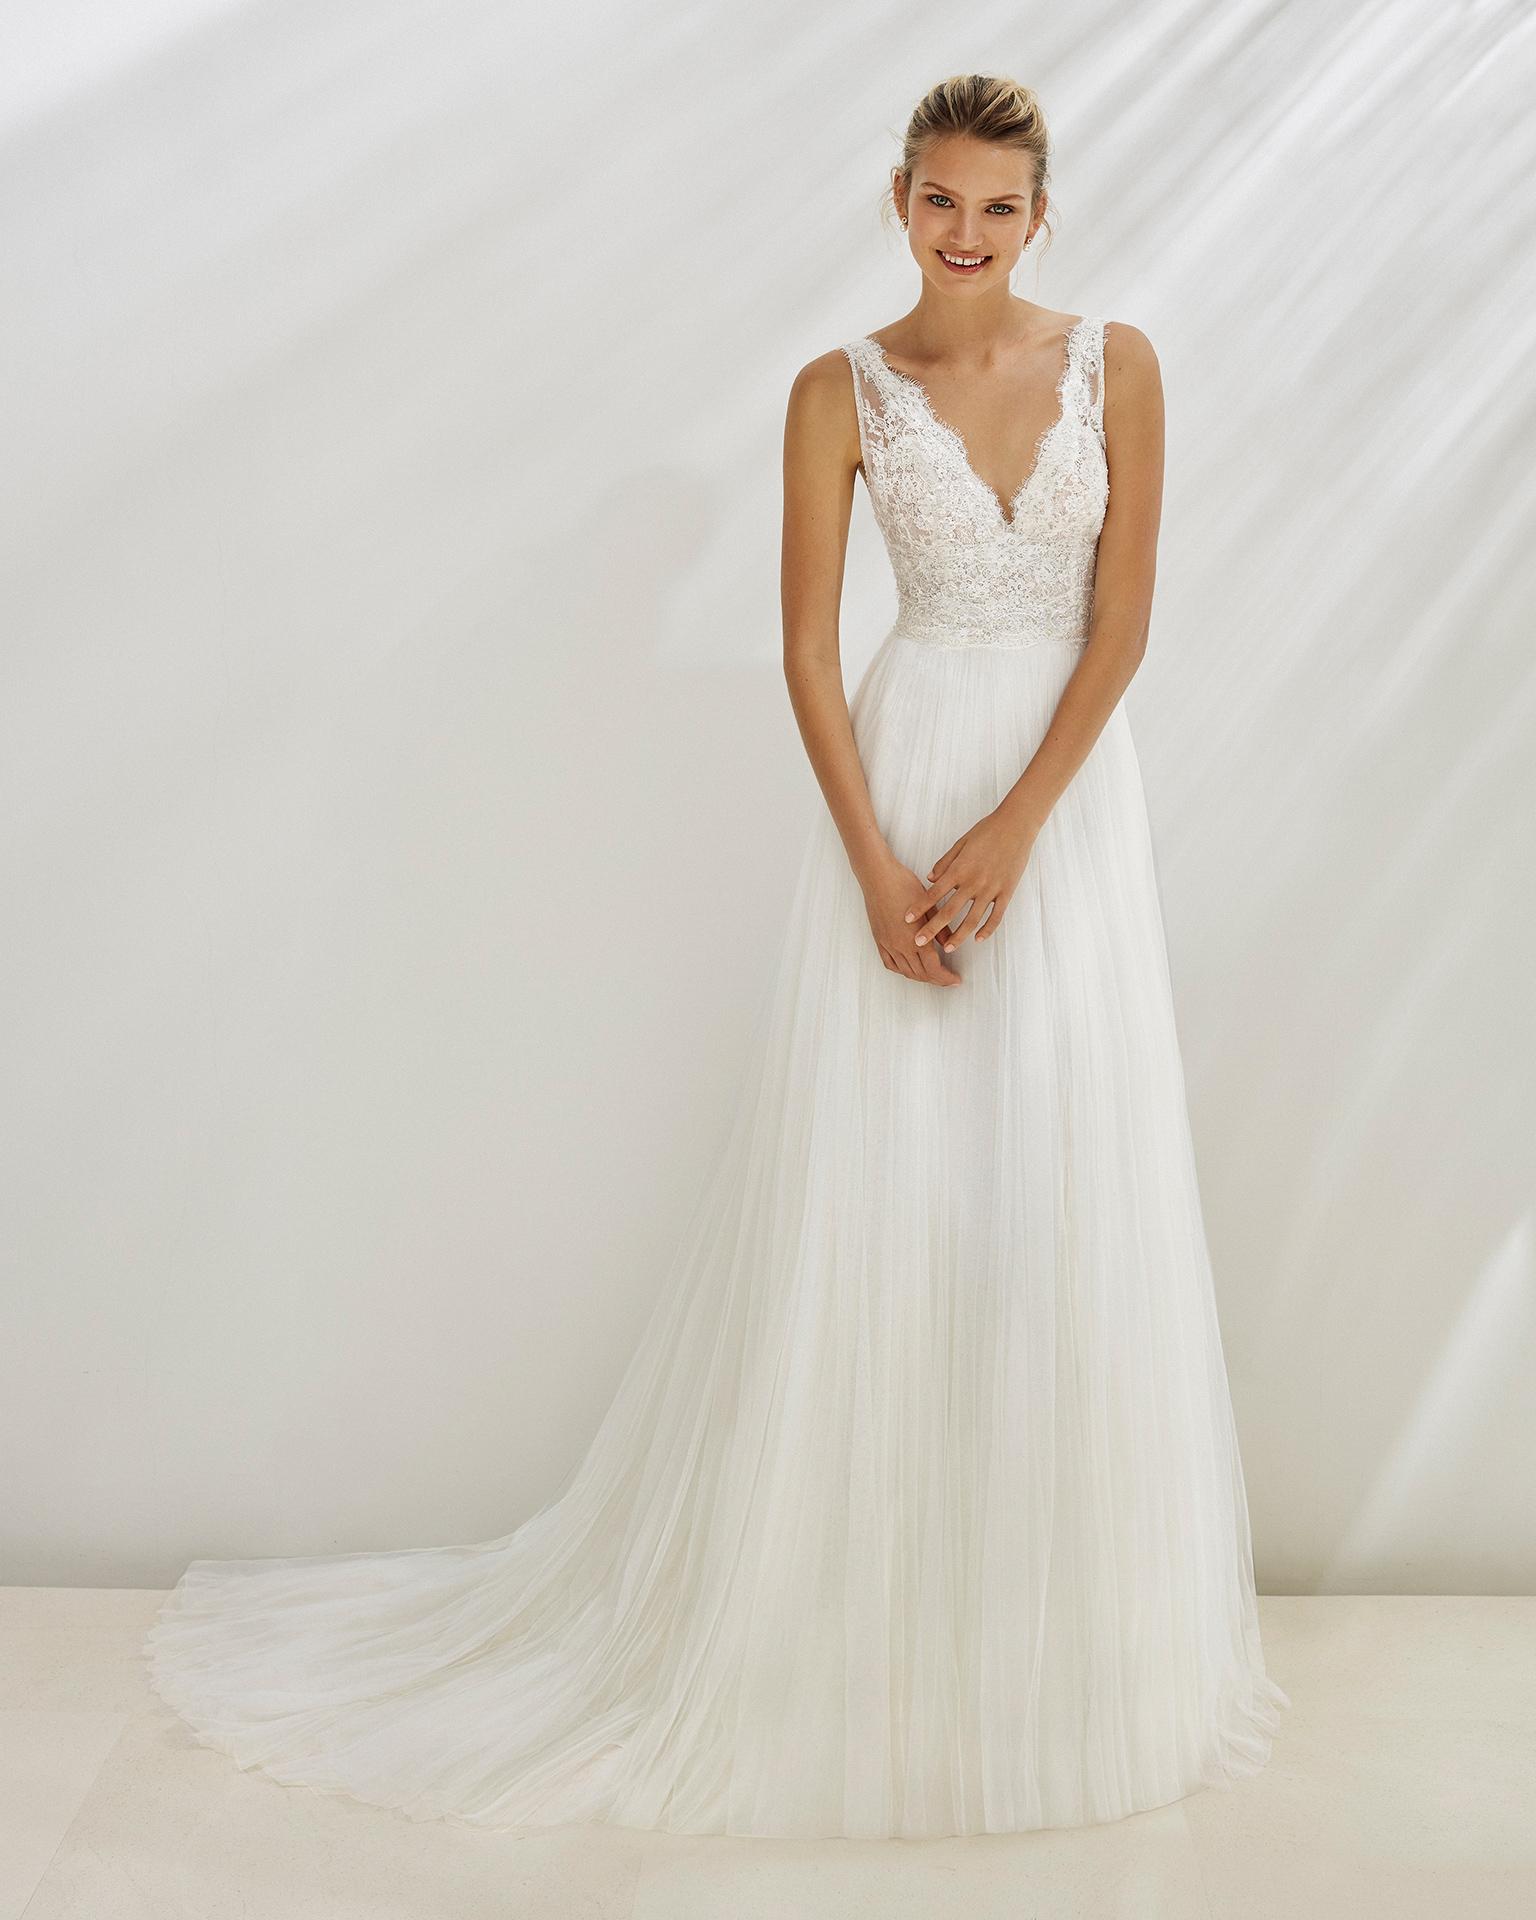 Vestido de noiva estilo linha A de tule suave e renda de brilhantes. Decote em V. Disponível em cor natural. Coleção AIRE BEACH WEDDING 2019.